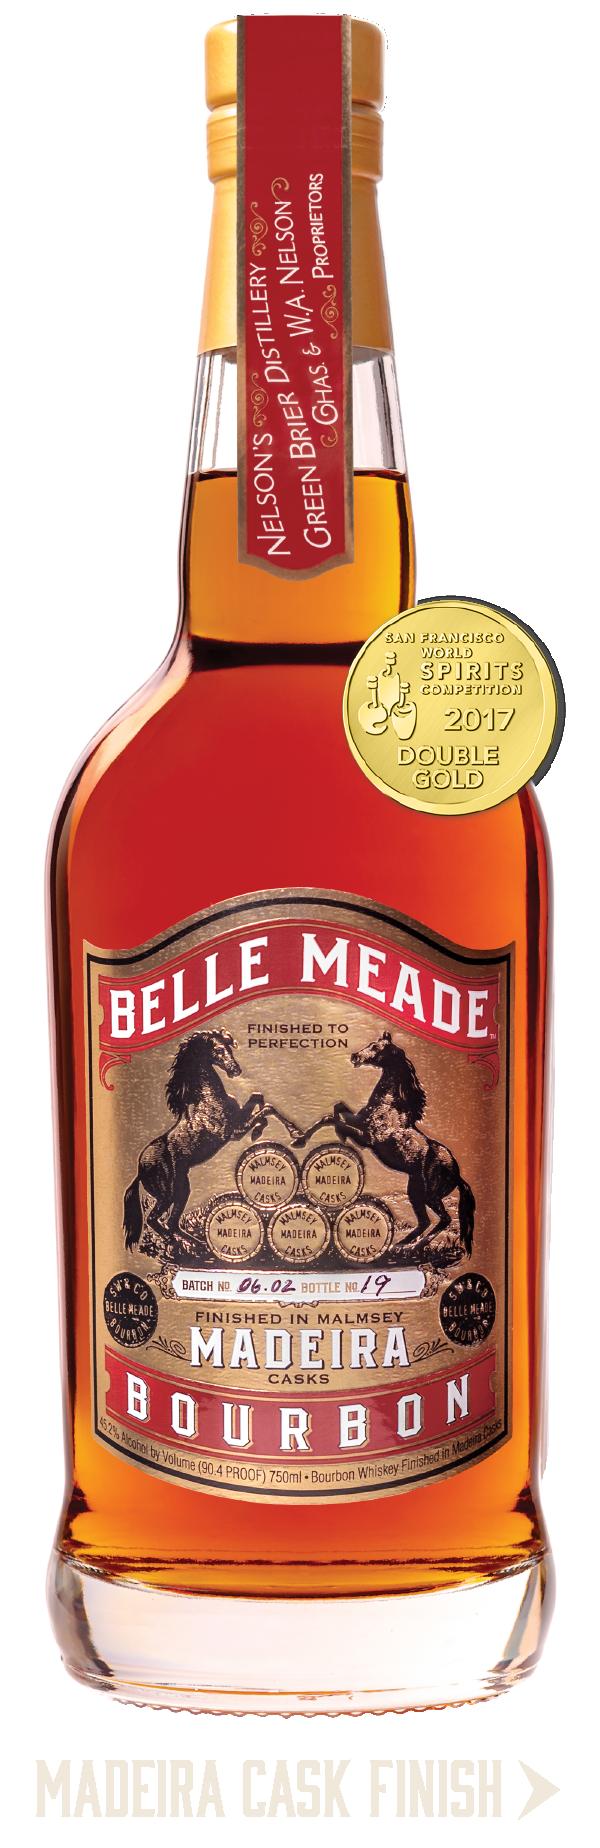 Belle Meade Bourbon_Madeira Cask Finish.png